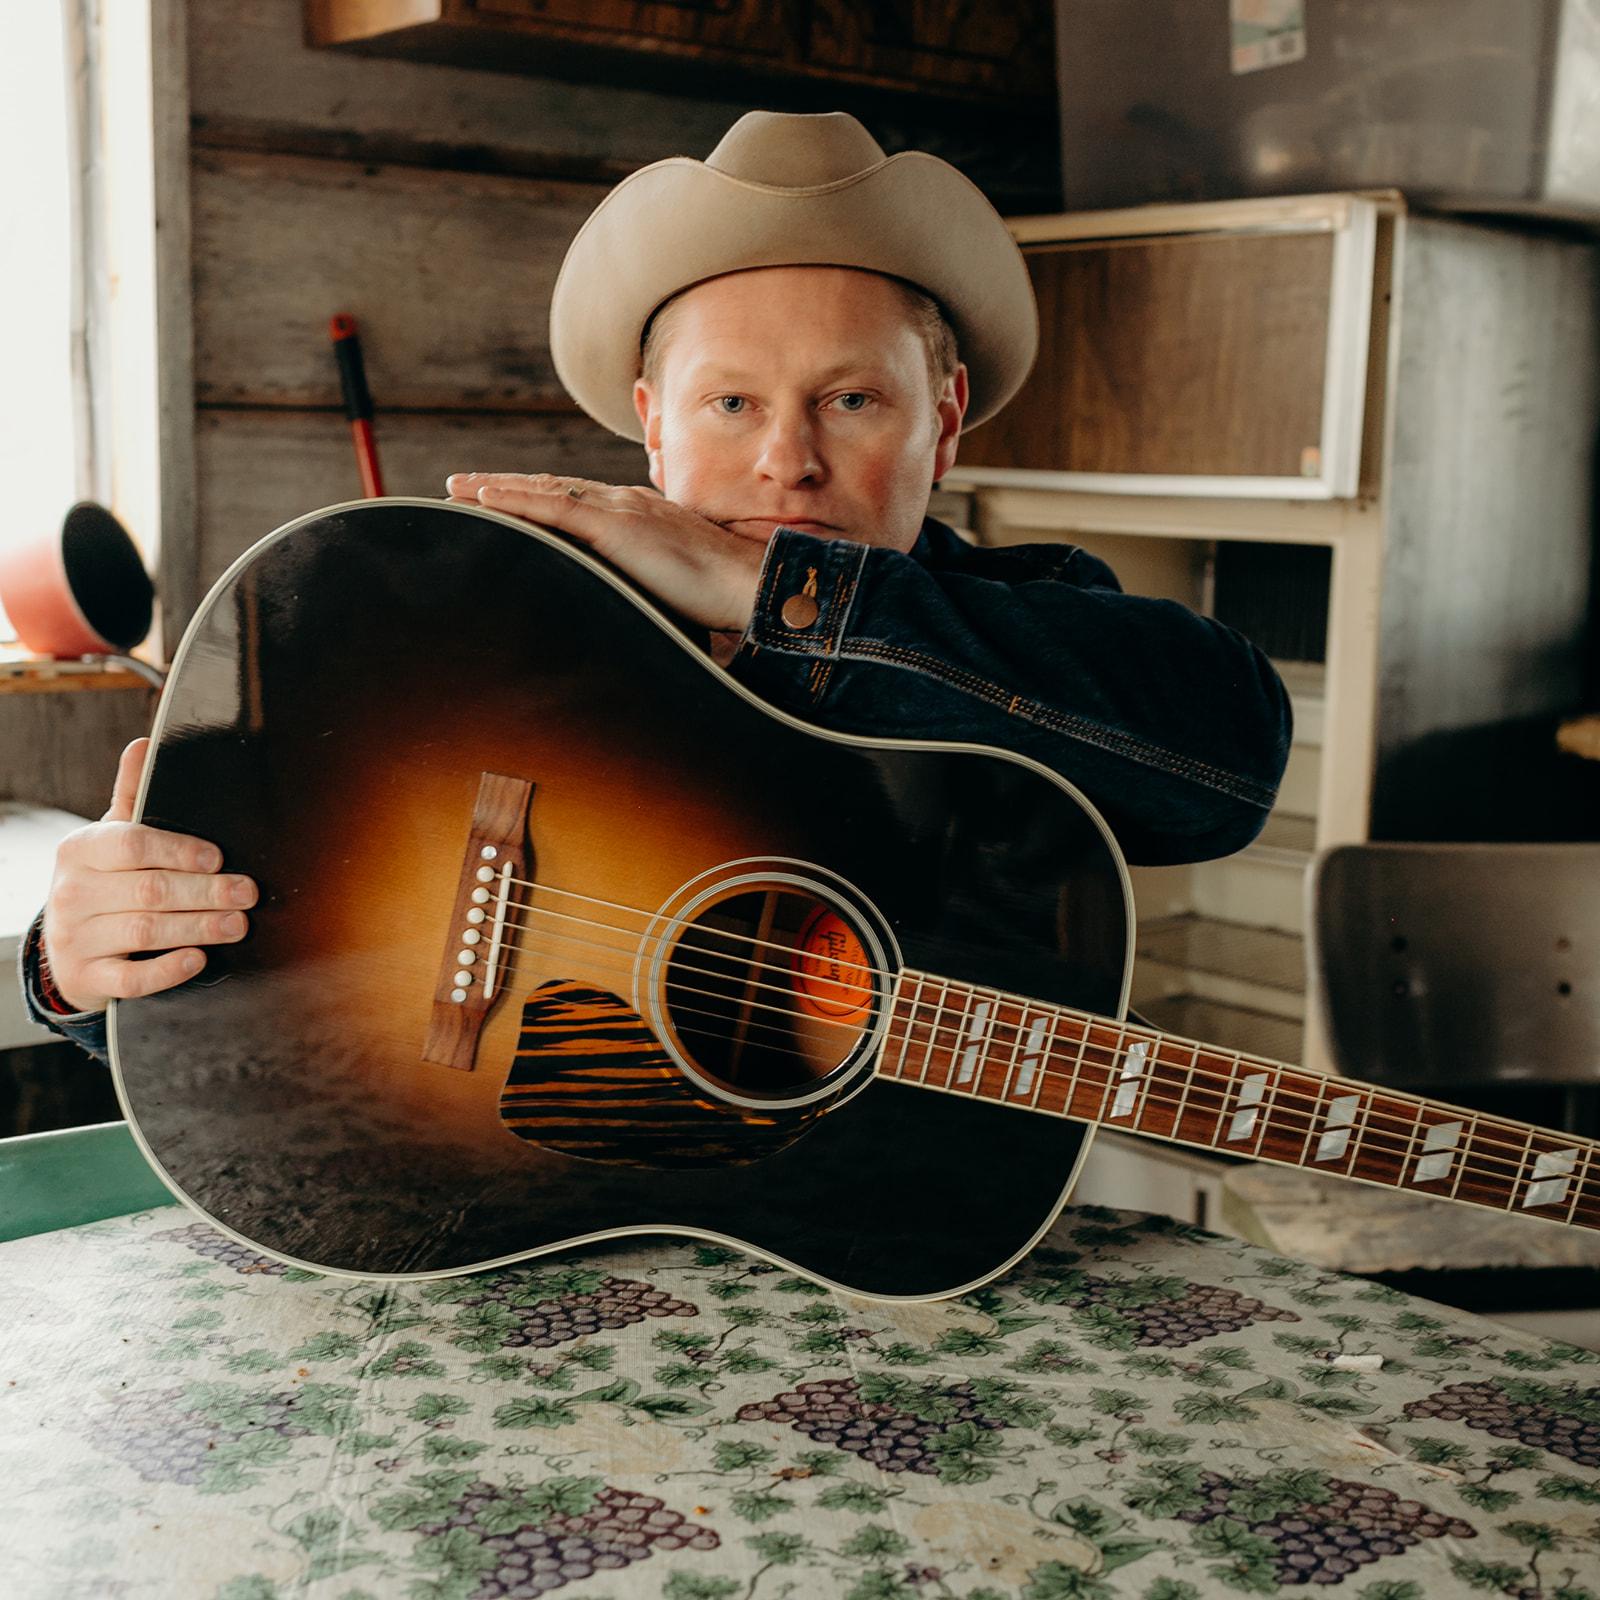 Kyle Nix (of Turnpike Troubadours): Main Image